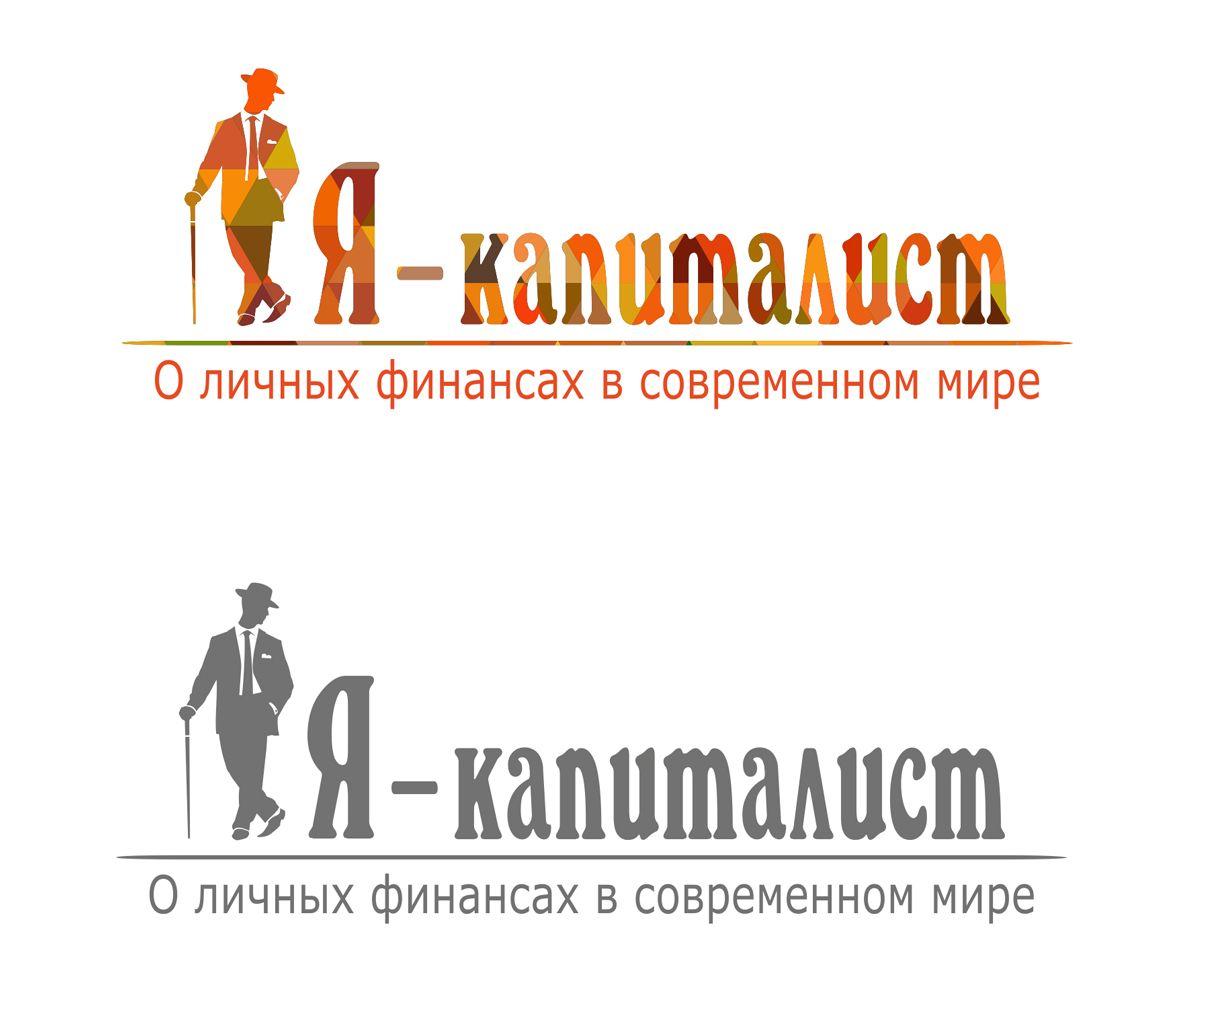 Я капиталист (лого для веб-сайта) - дизайнер Evgeny2903